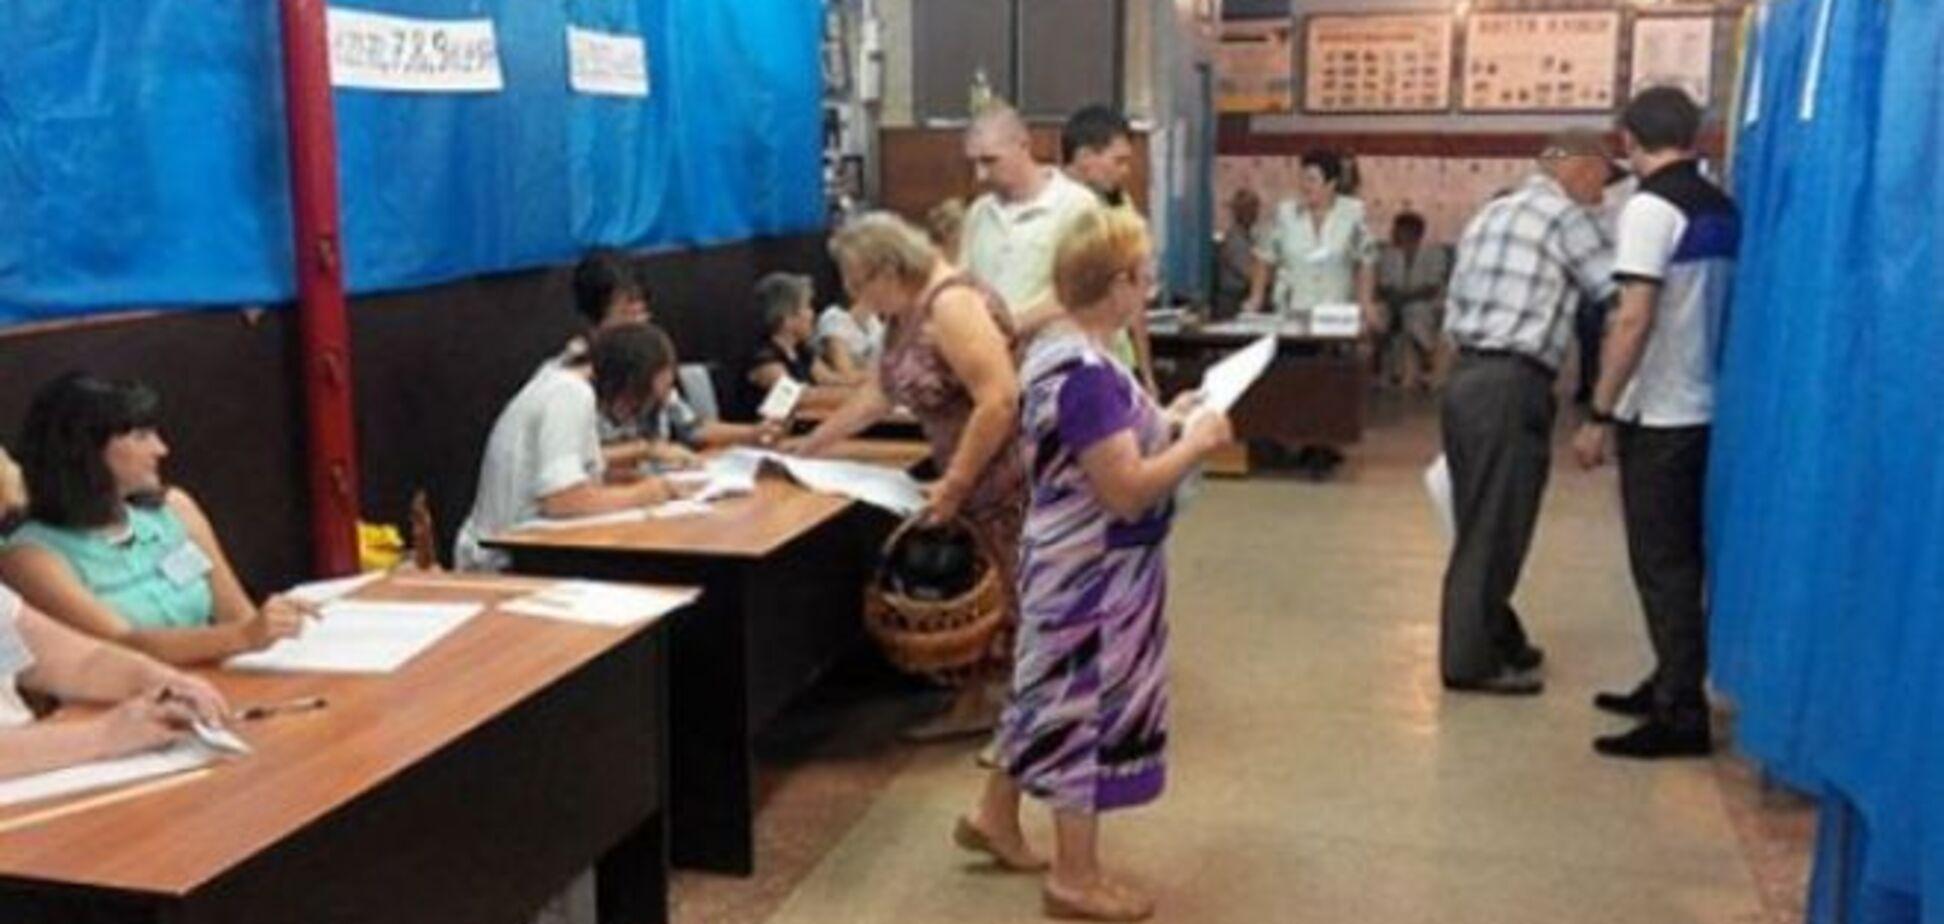 Денисенко: депутати БПП 'зачищають' виборчі ділянки в Чернігові